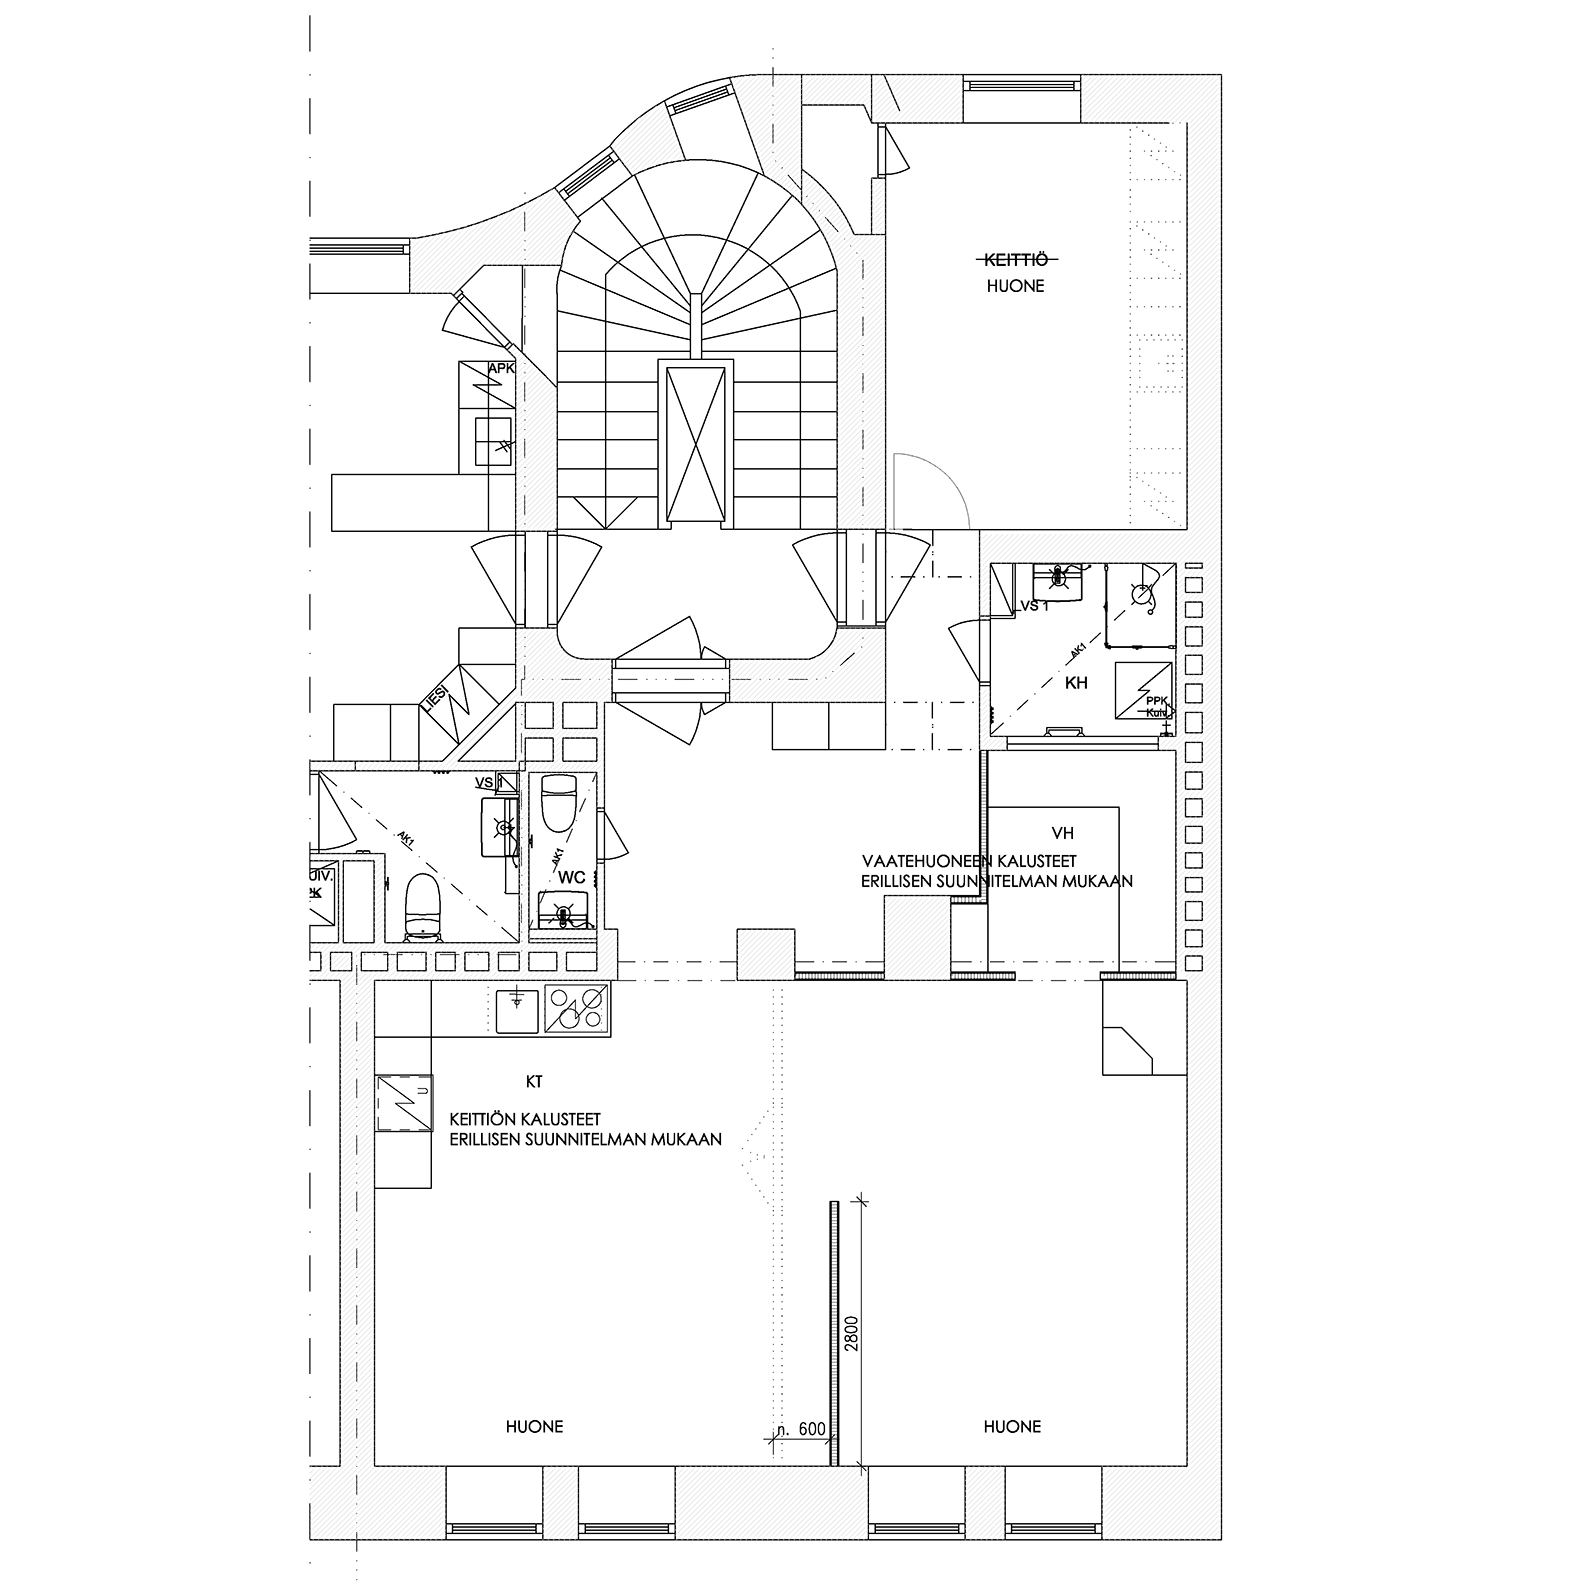 Pohjasuunnitelma_V1.png